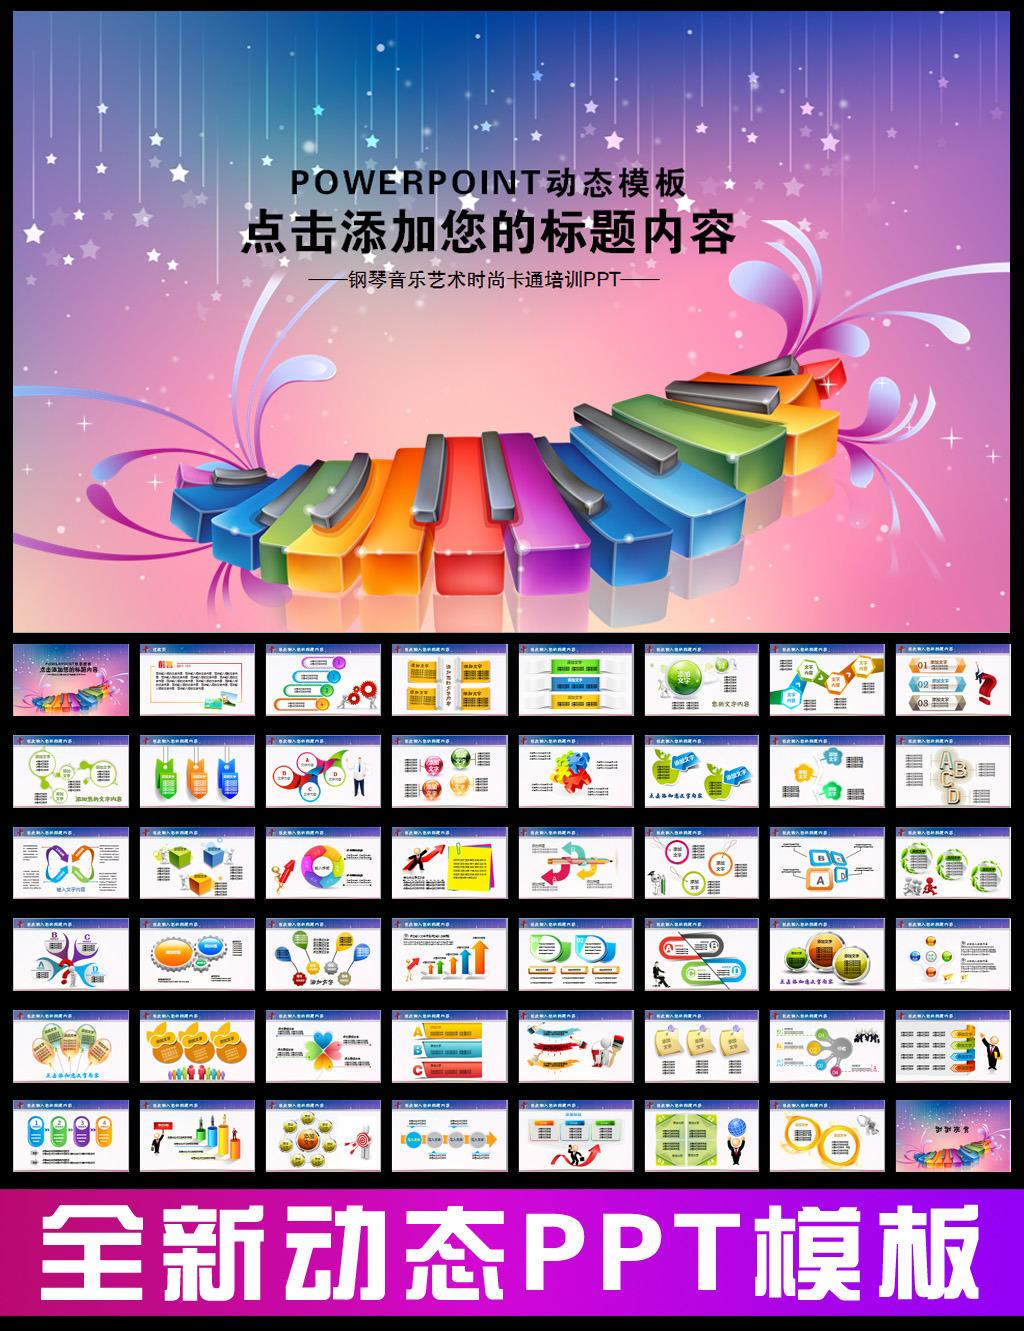 音乐艺术钢琴教育教学课件动态ppt模板模板下载